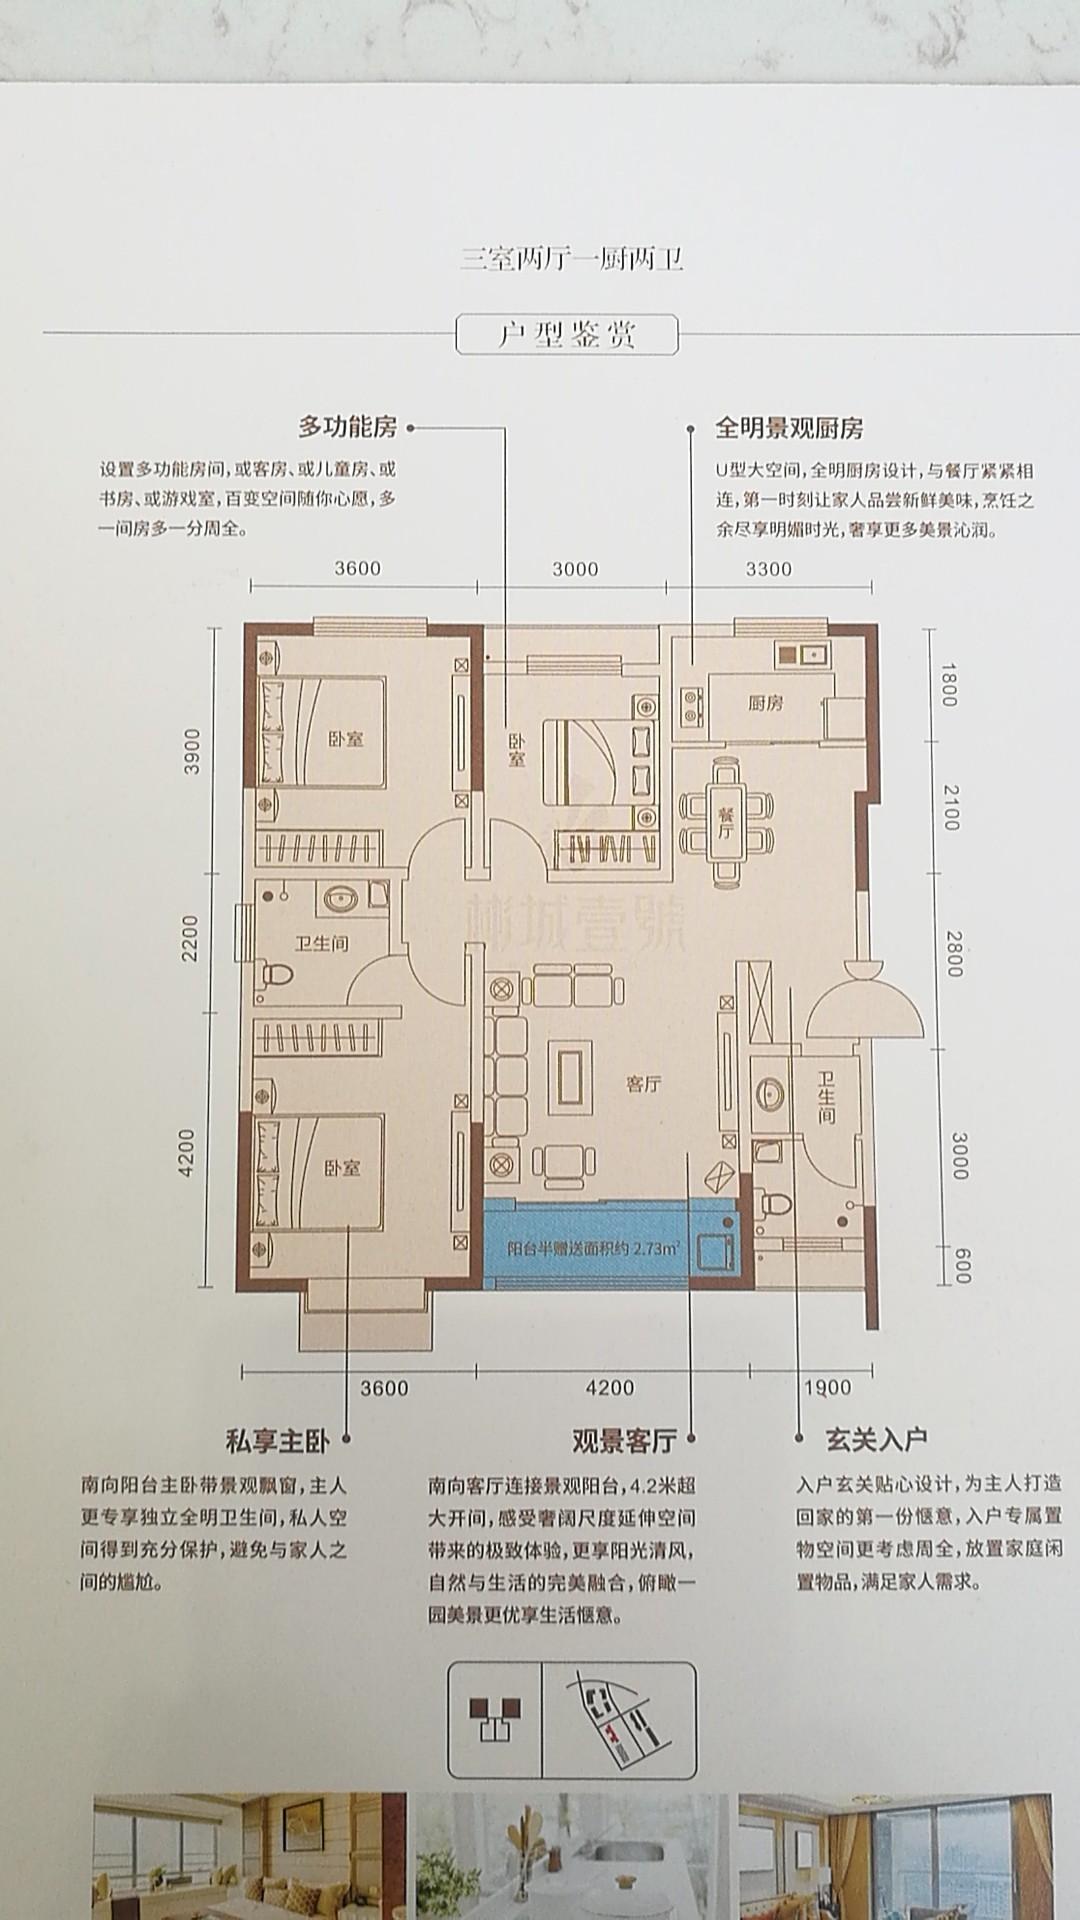 【出售】豳泉名邸3室 2厅 2卫54万元